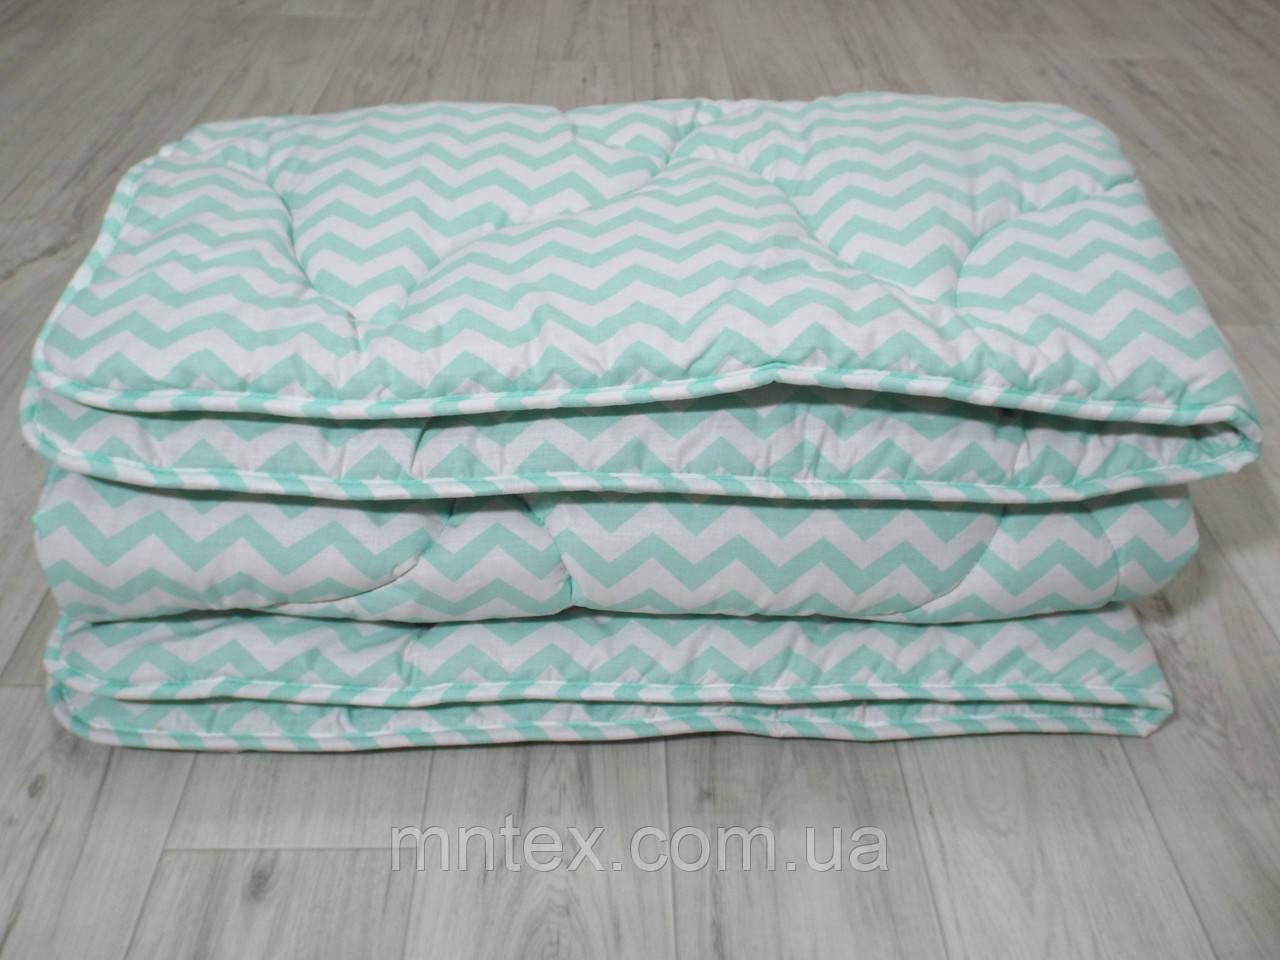 Стеганное зимнее одеяло из натуральной шерсти, покрытие ранфорс